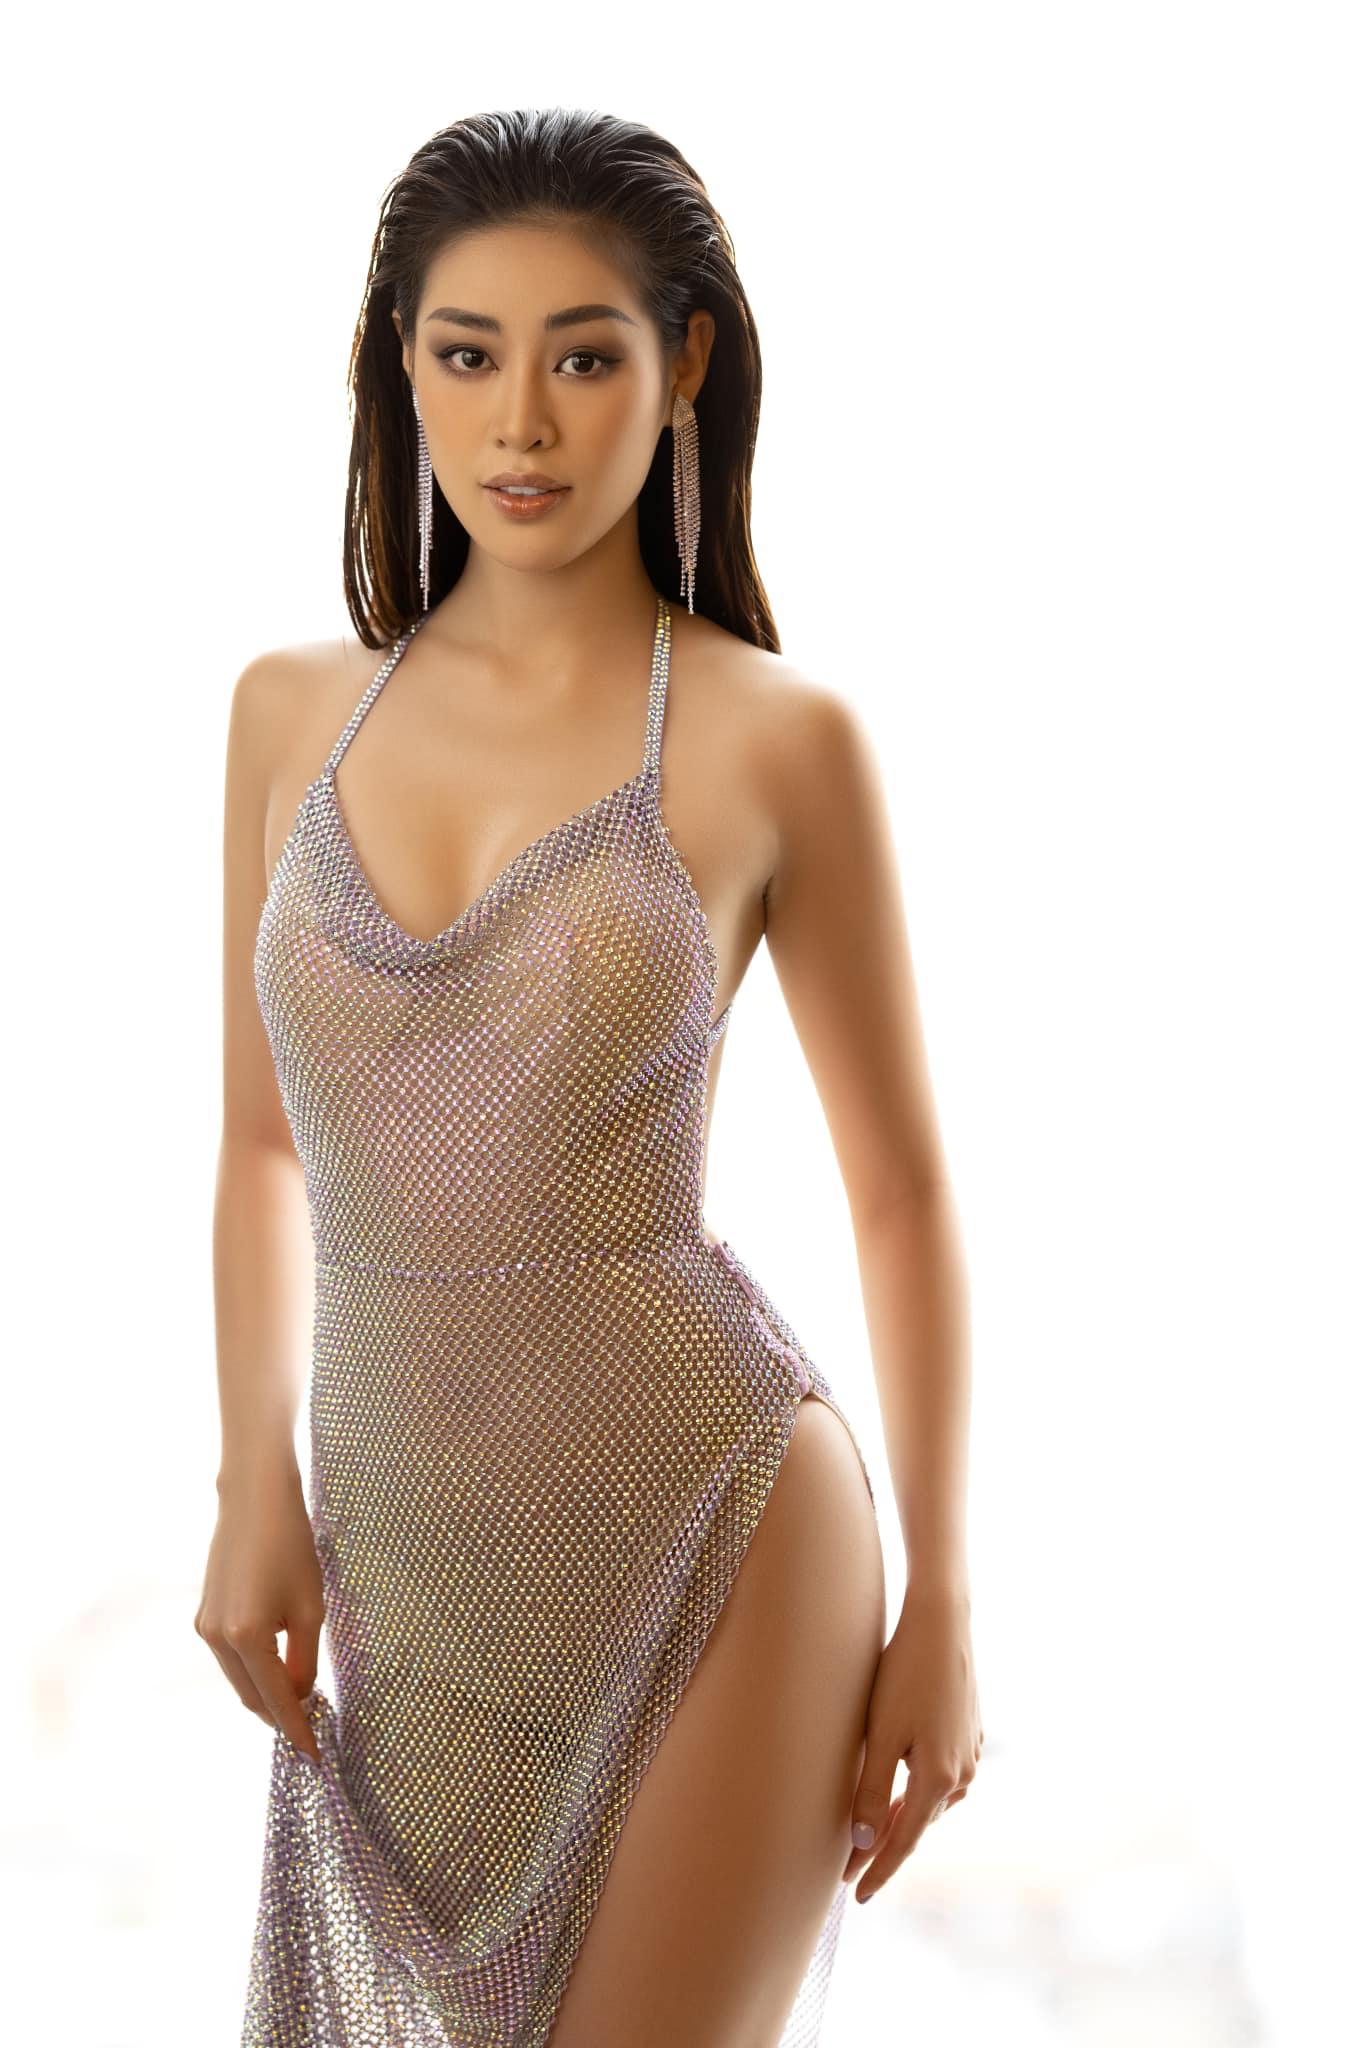 Thời gian này, Khánh Vân tuân thủ 7 ngày cách ly cuối cùng tại căn hộ giải thưởng hoa hậu ở TP HCM. Bố mẹ và anh chị của cô cũng dọn sang ở cùng sau hai tháng xa cách vì Khánh Vân đi Mỹ thi Miss Universe 2020.